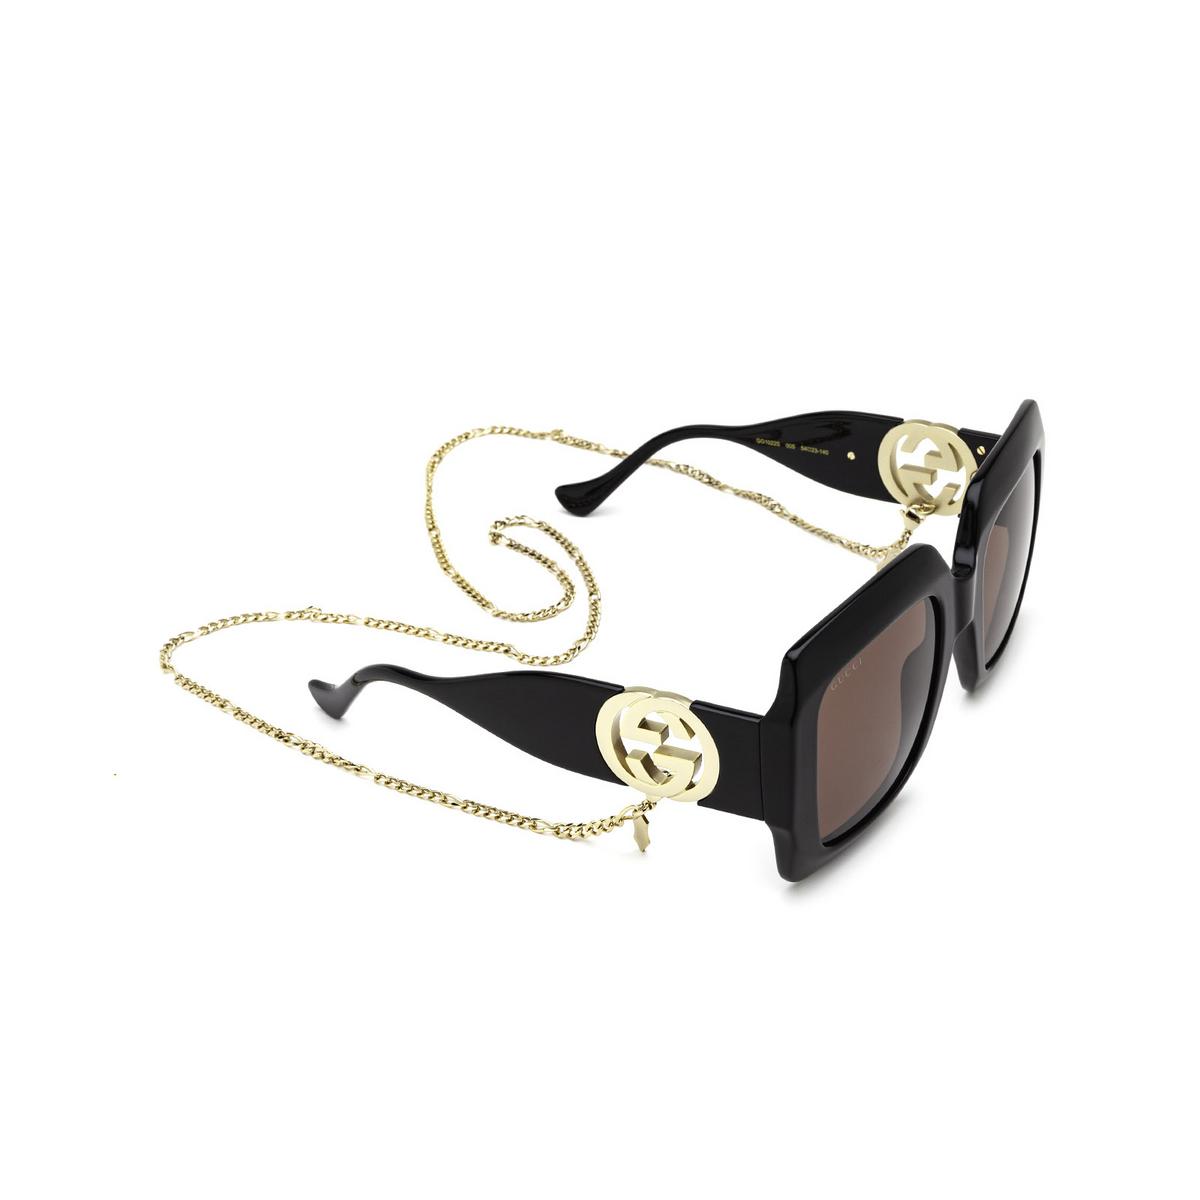 Gucci® Square Sunglasses: GG1022S color Black 005 - three-quarters view.